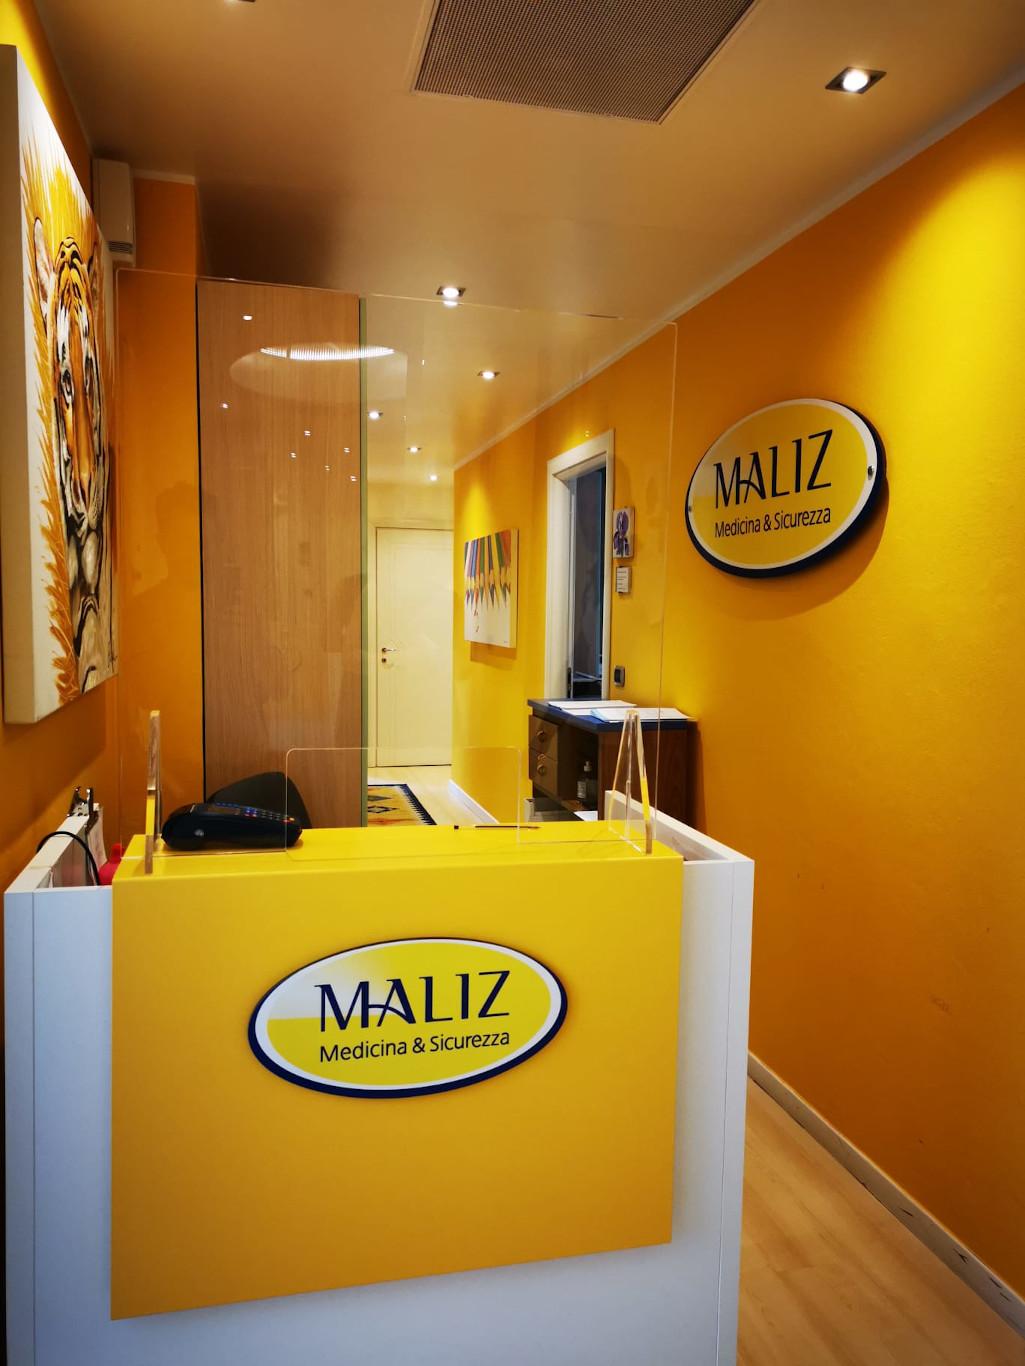 Branding e pellicole2 - Maliz